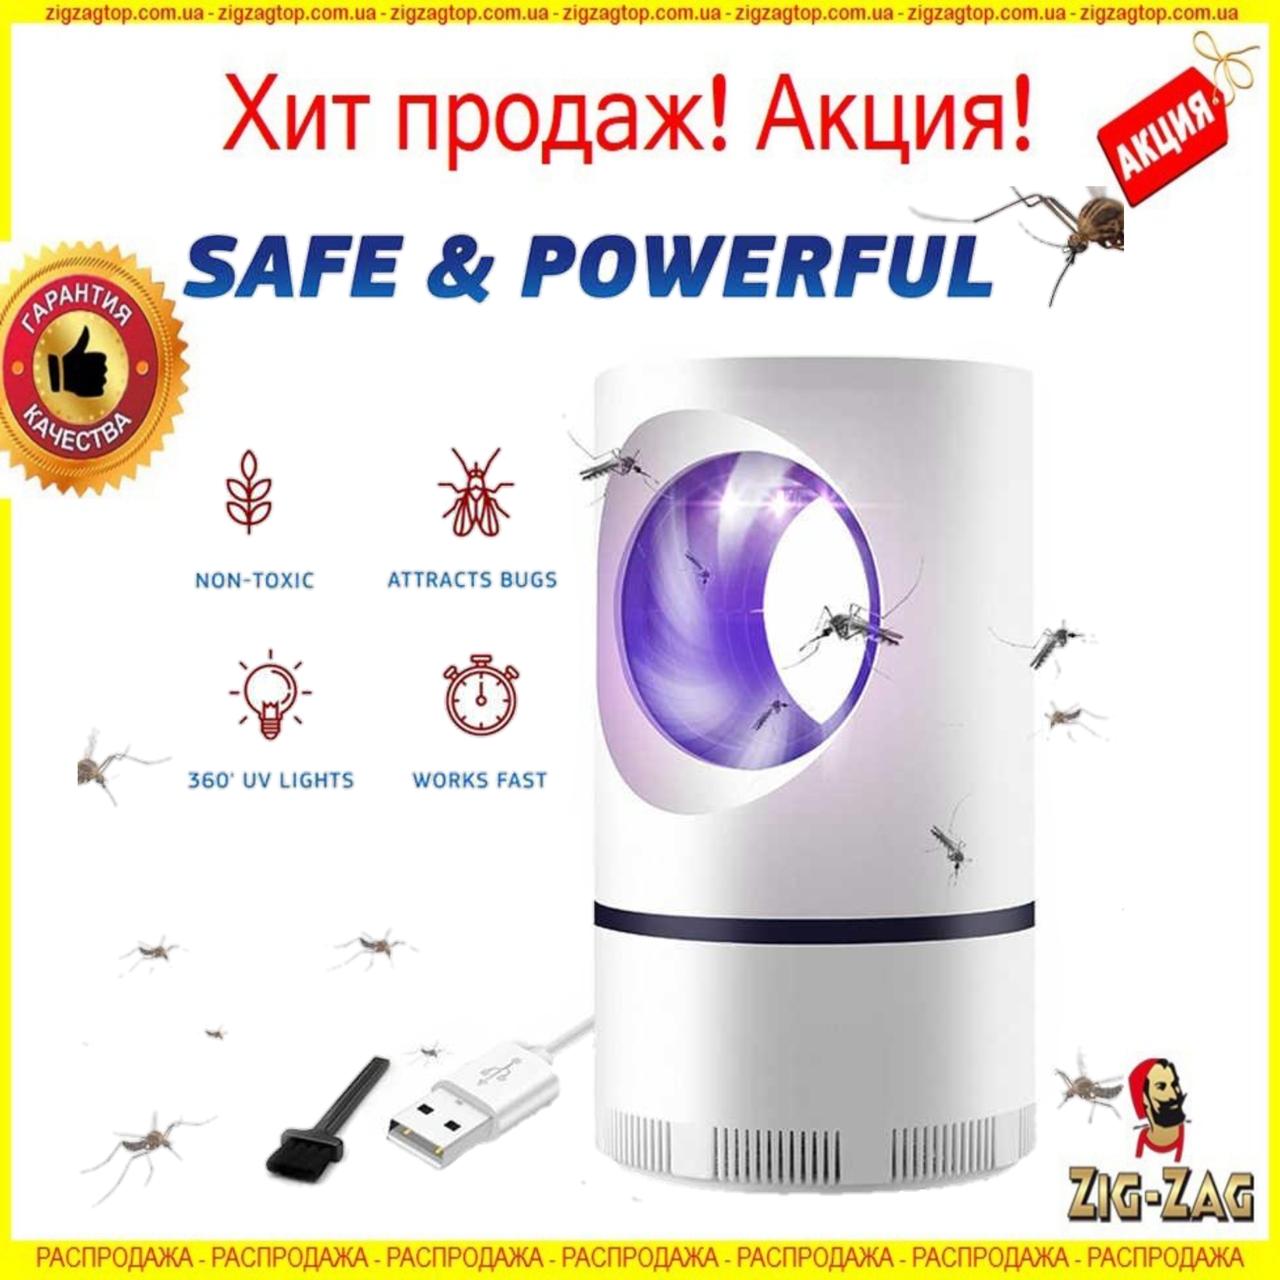 Лампа от Комаров Светодиодная убийца USB UV Электрическая Летающий мугген Ловушка для Насекомых для Дома